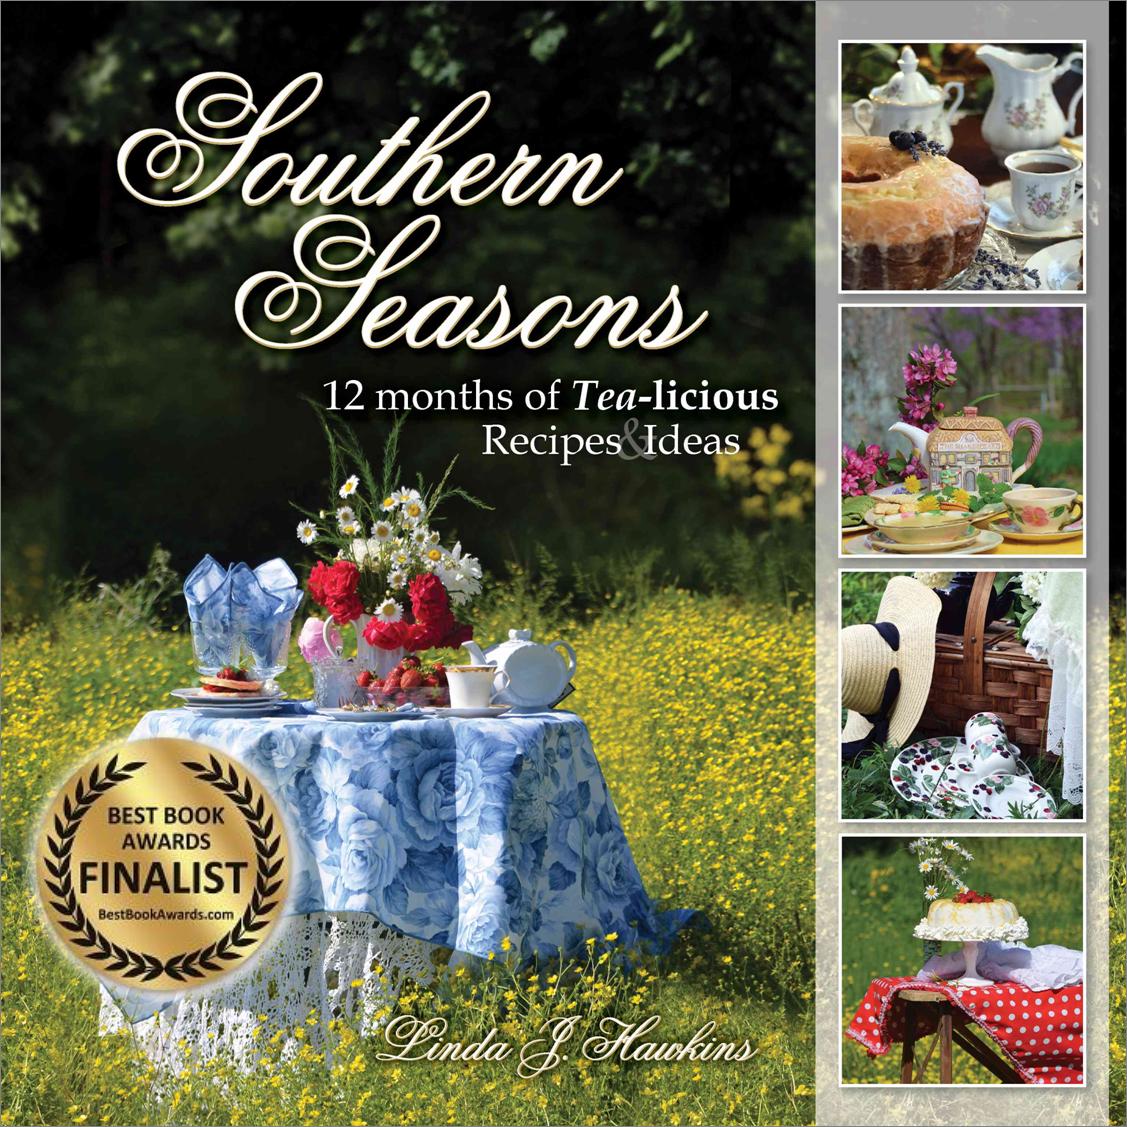 Southern Seasons 2